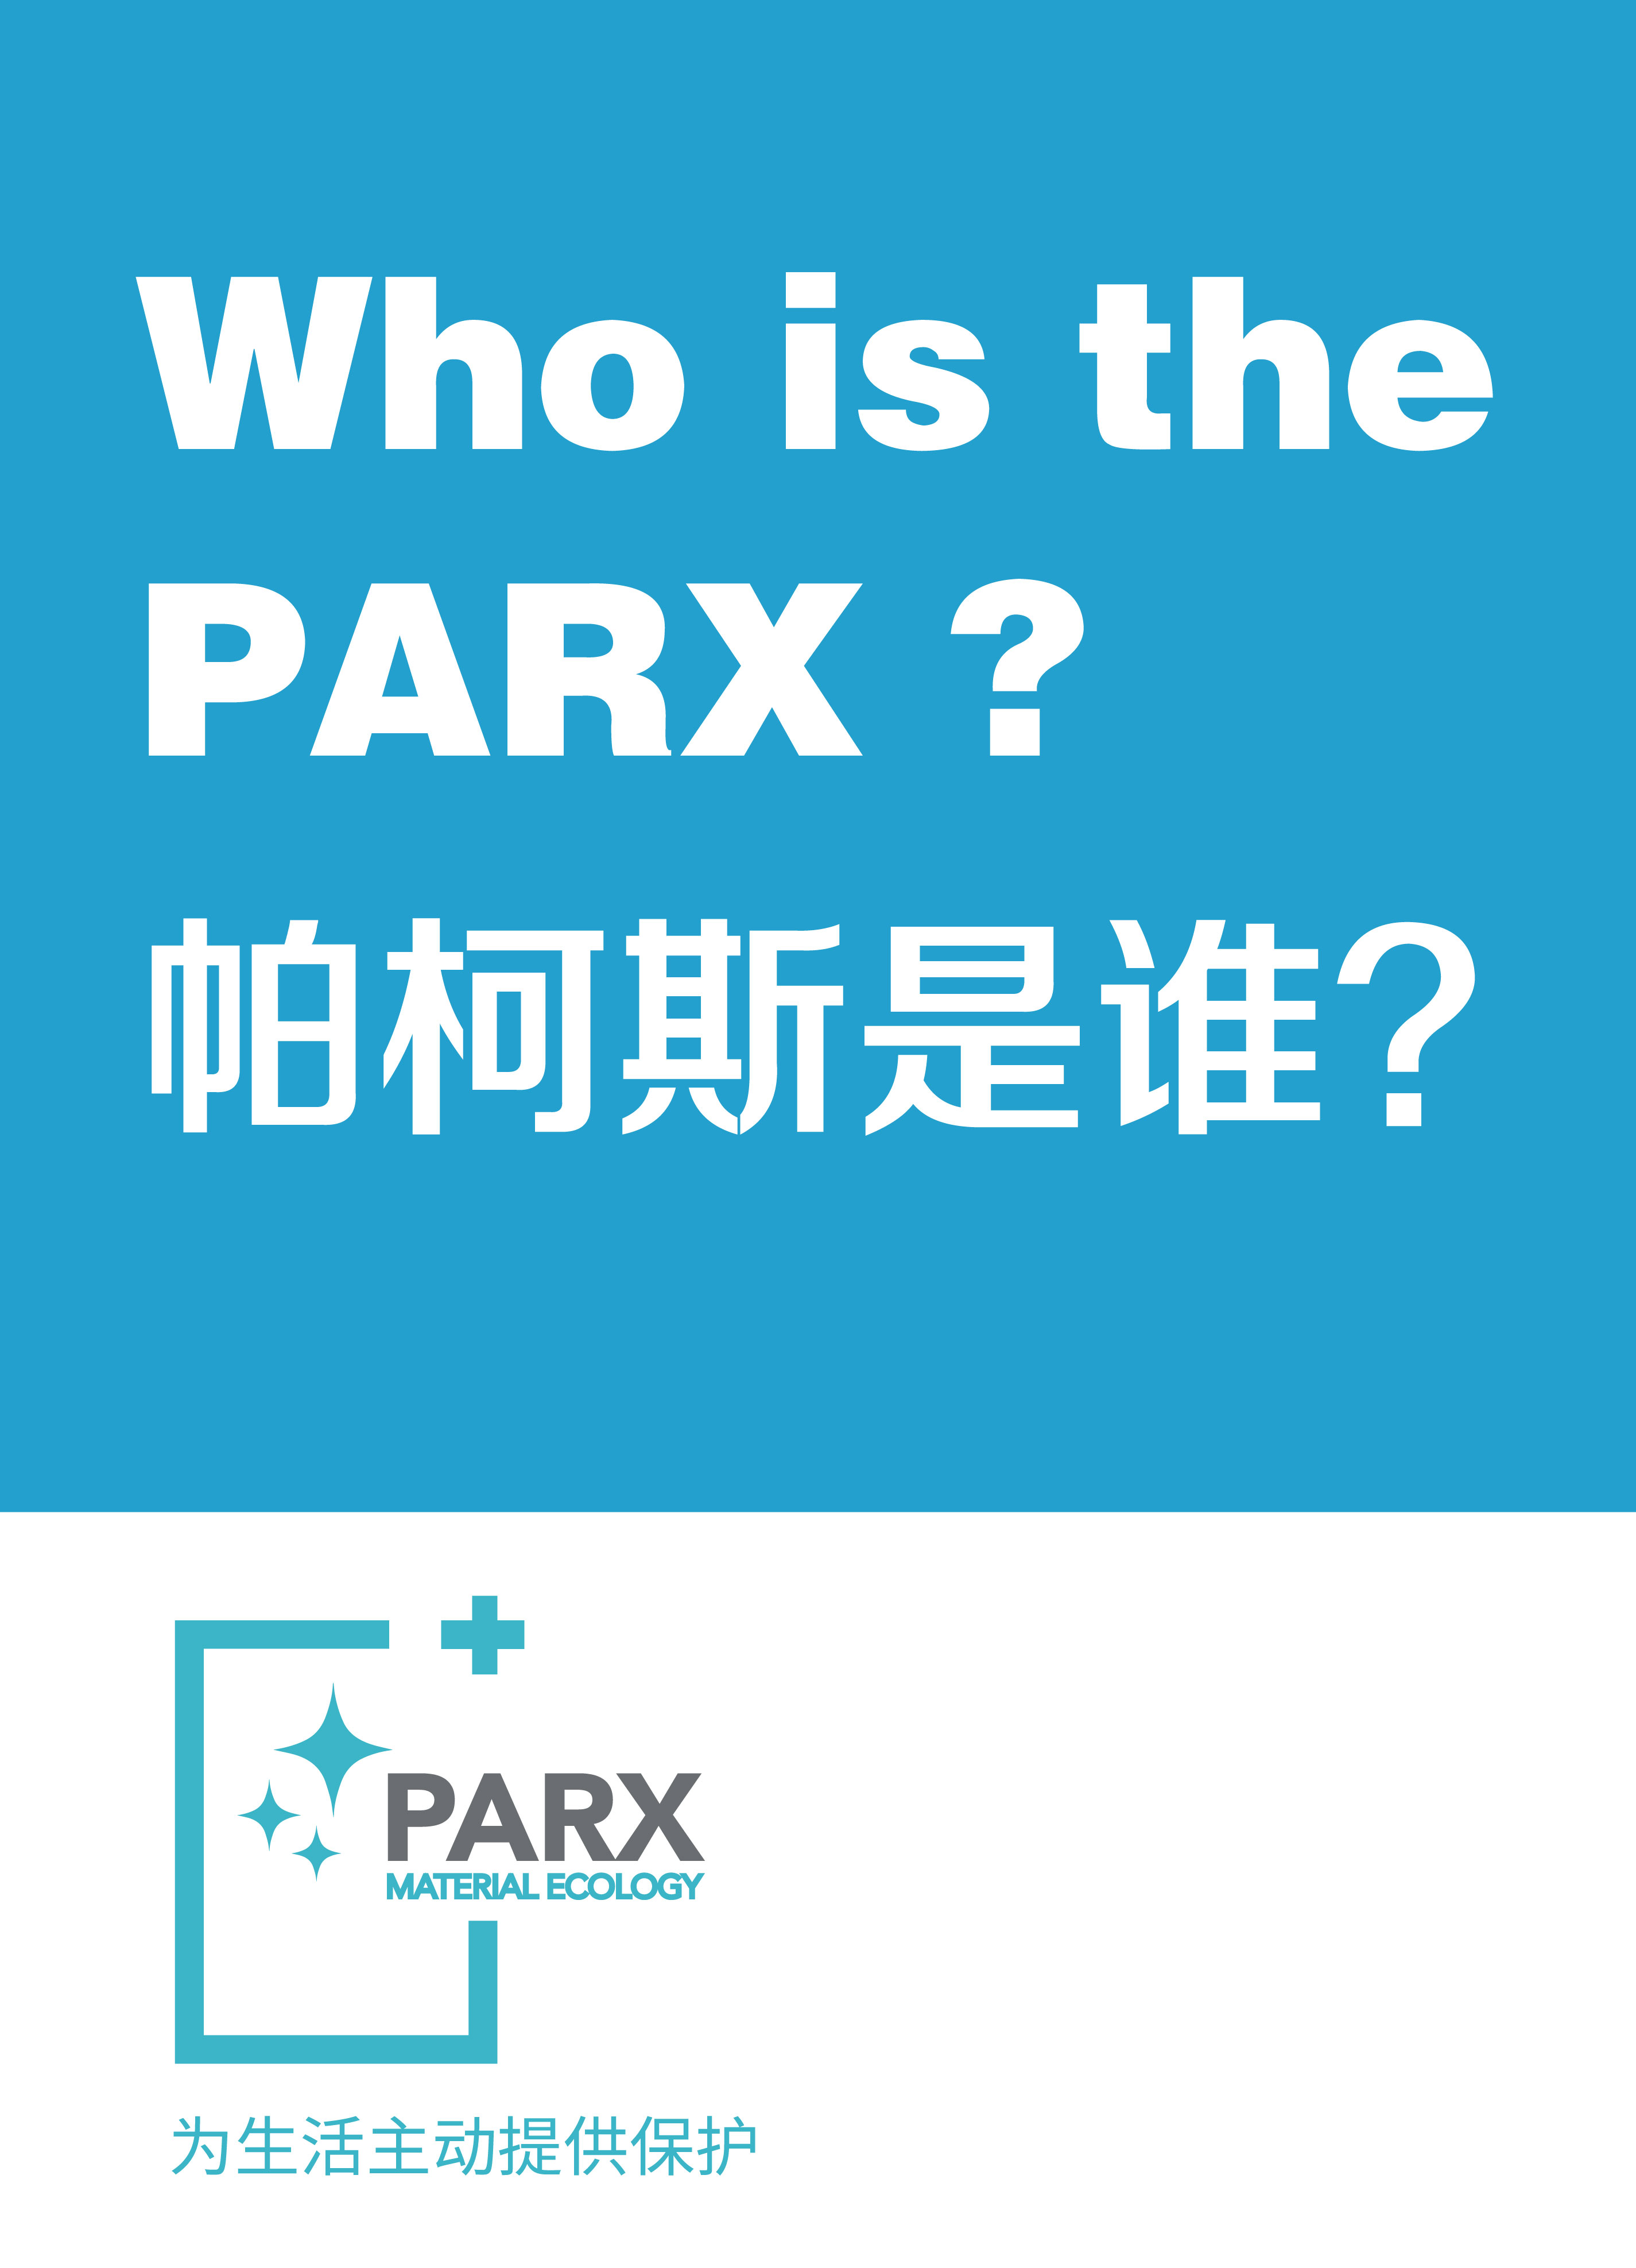 parx是谁?